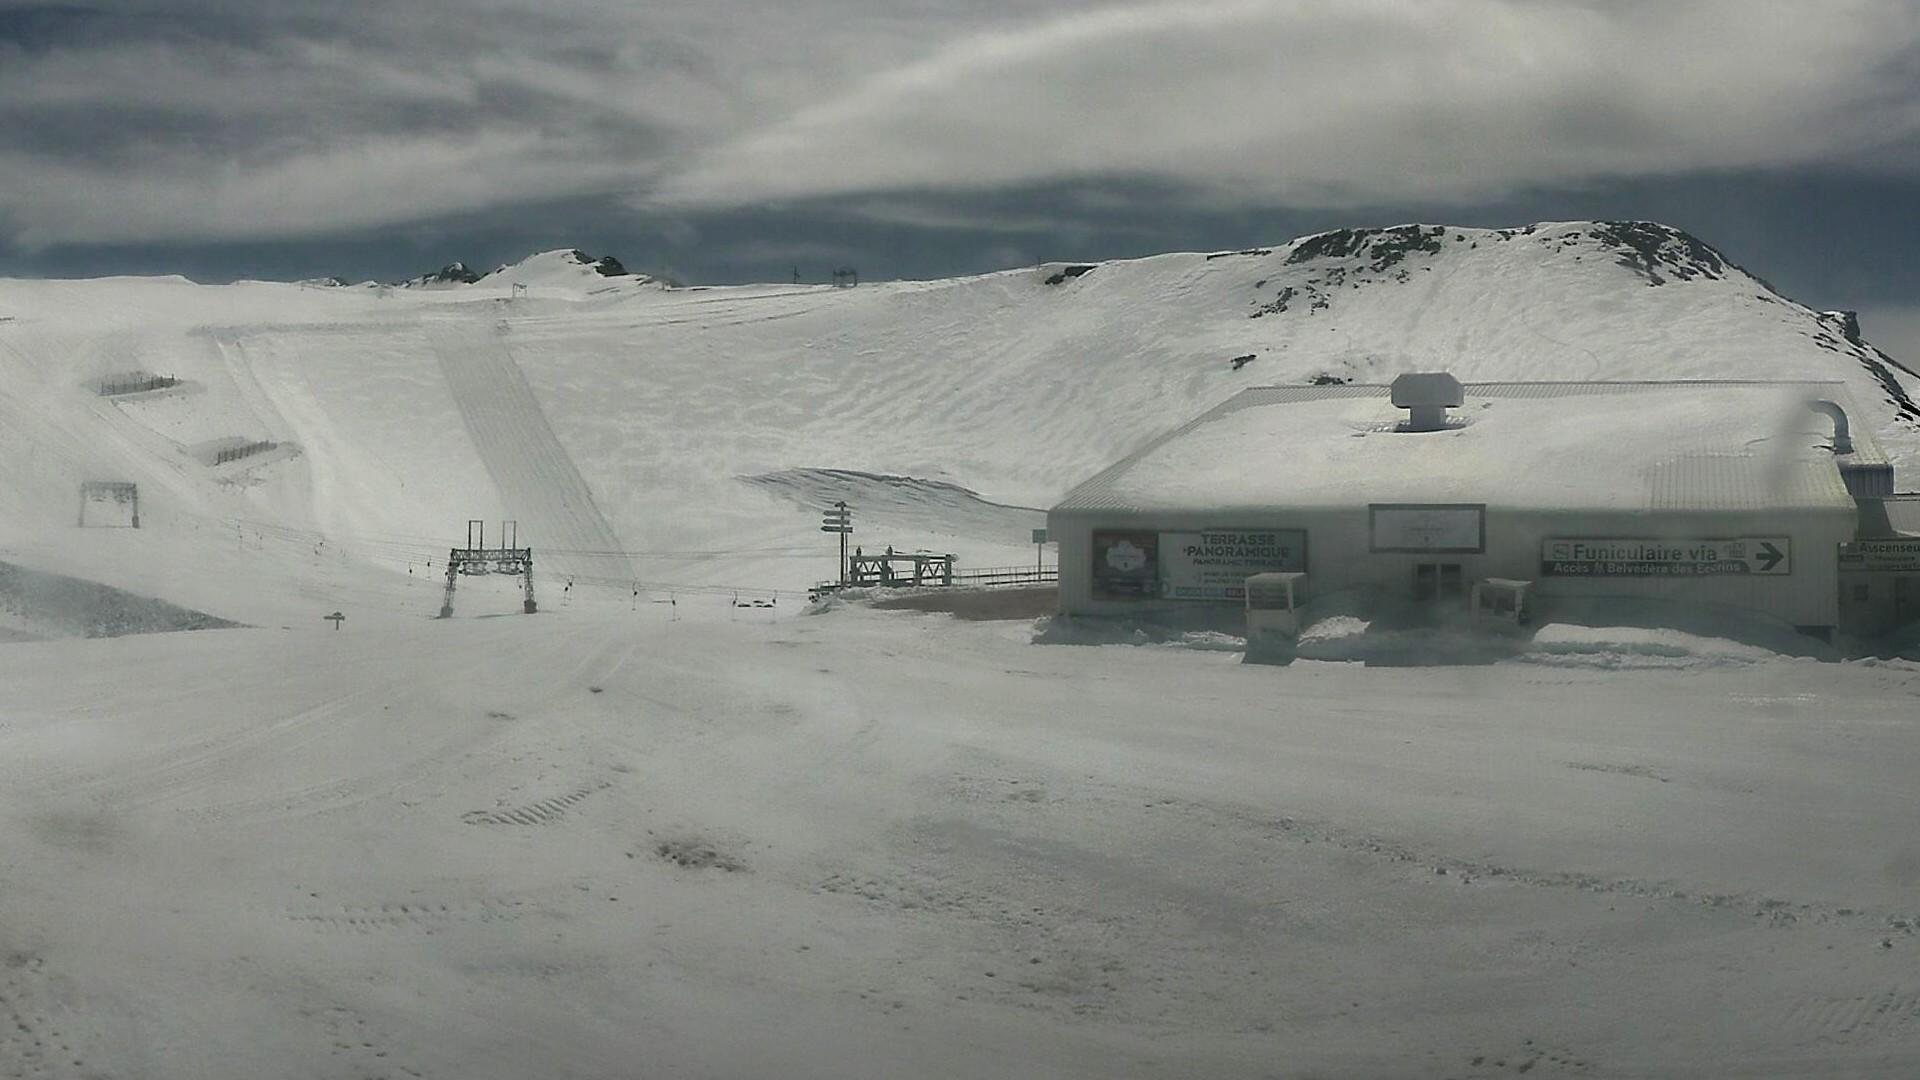 20200509_130300_mega_2alpes_restaurant-les-glaciers_1920x1080